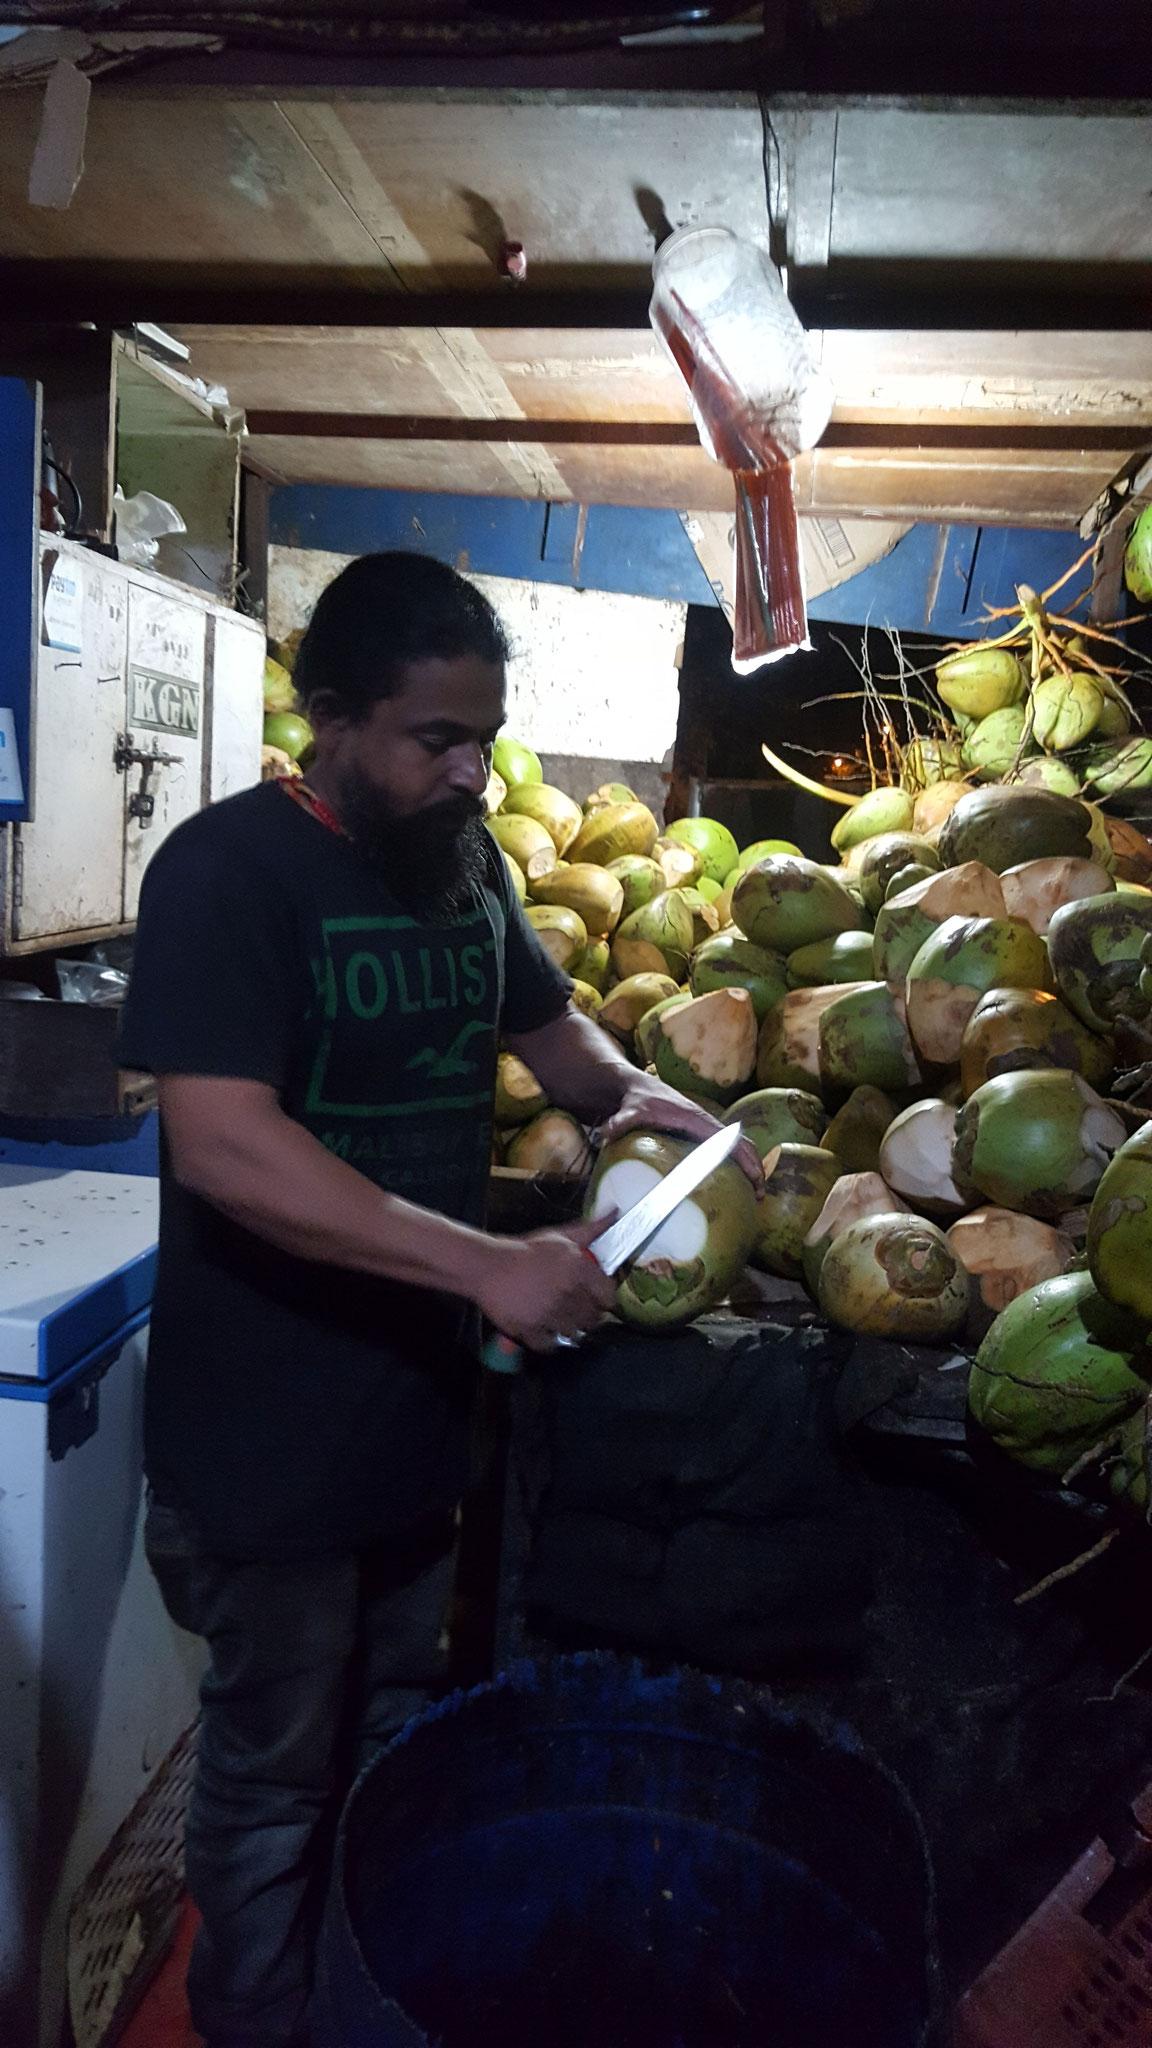 Mein Kokoswallah um die Ecke mit bis zu ½ Liter starken Nüssen